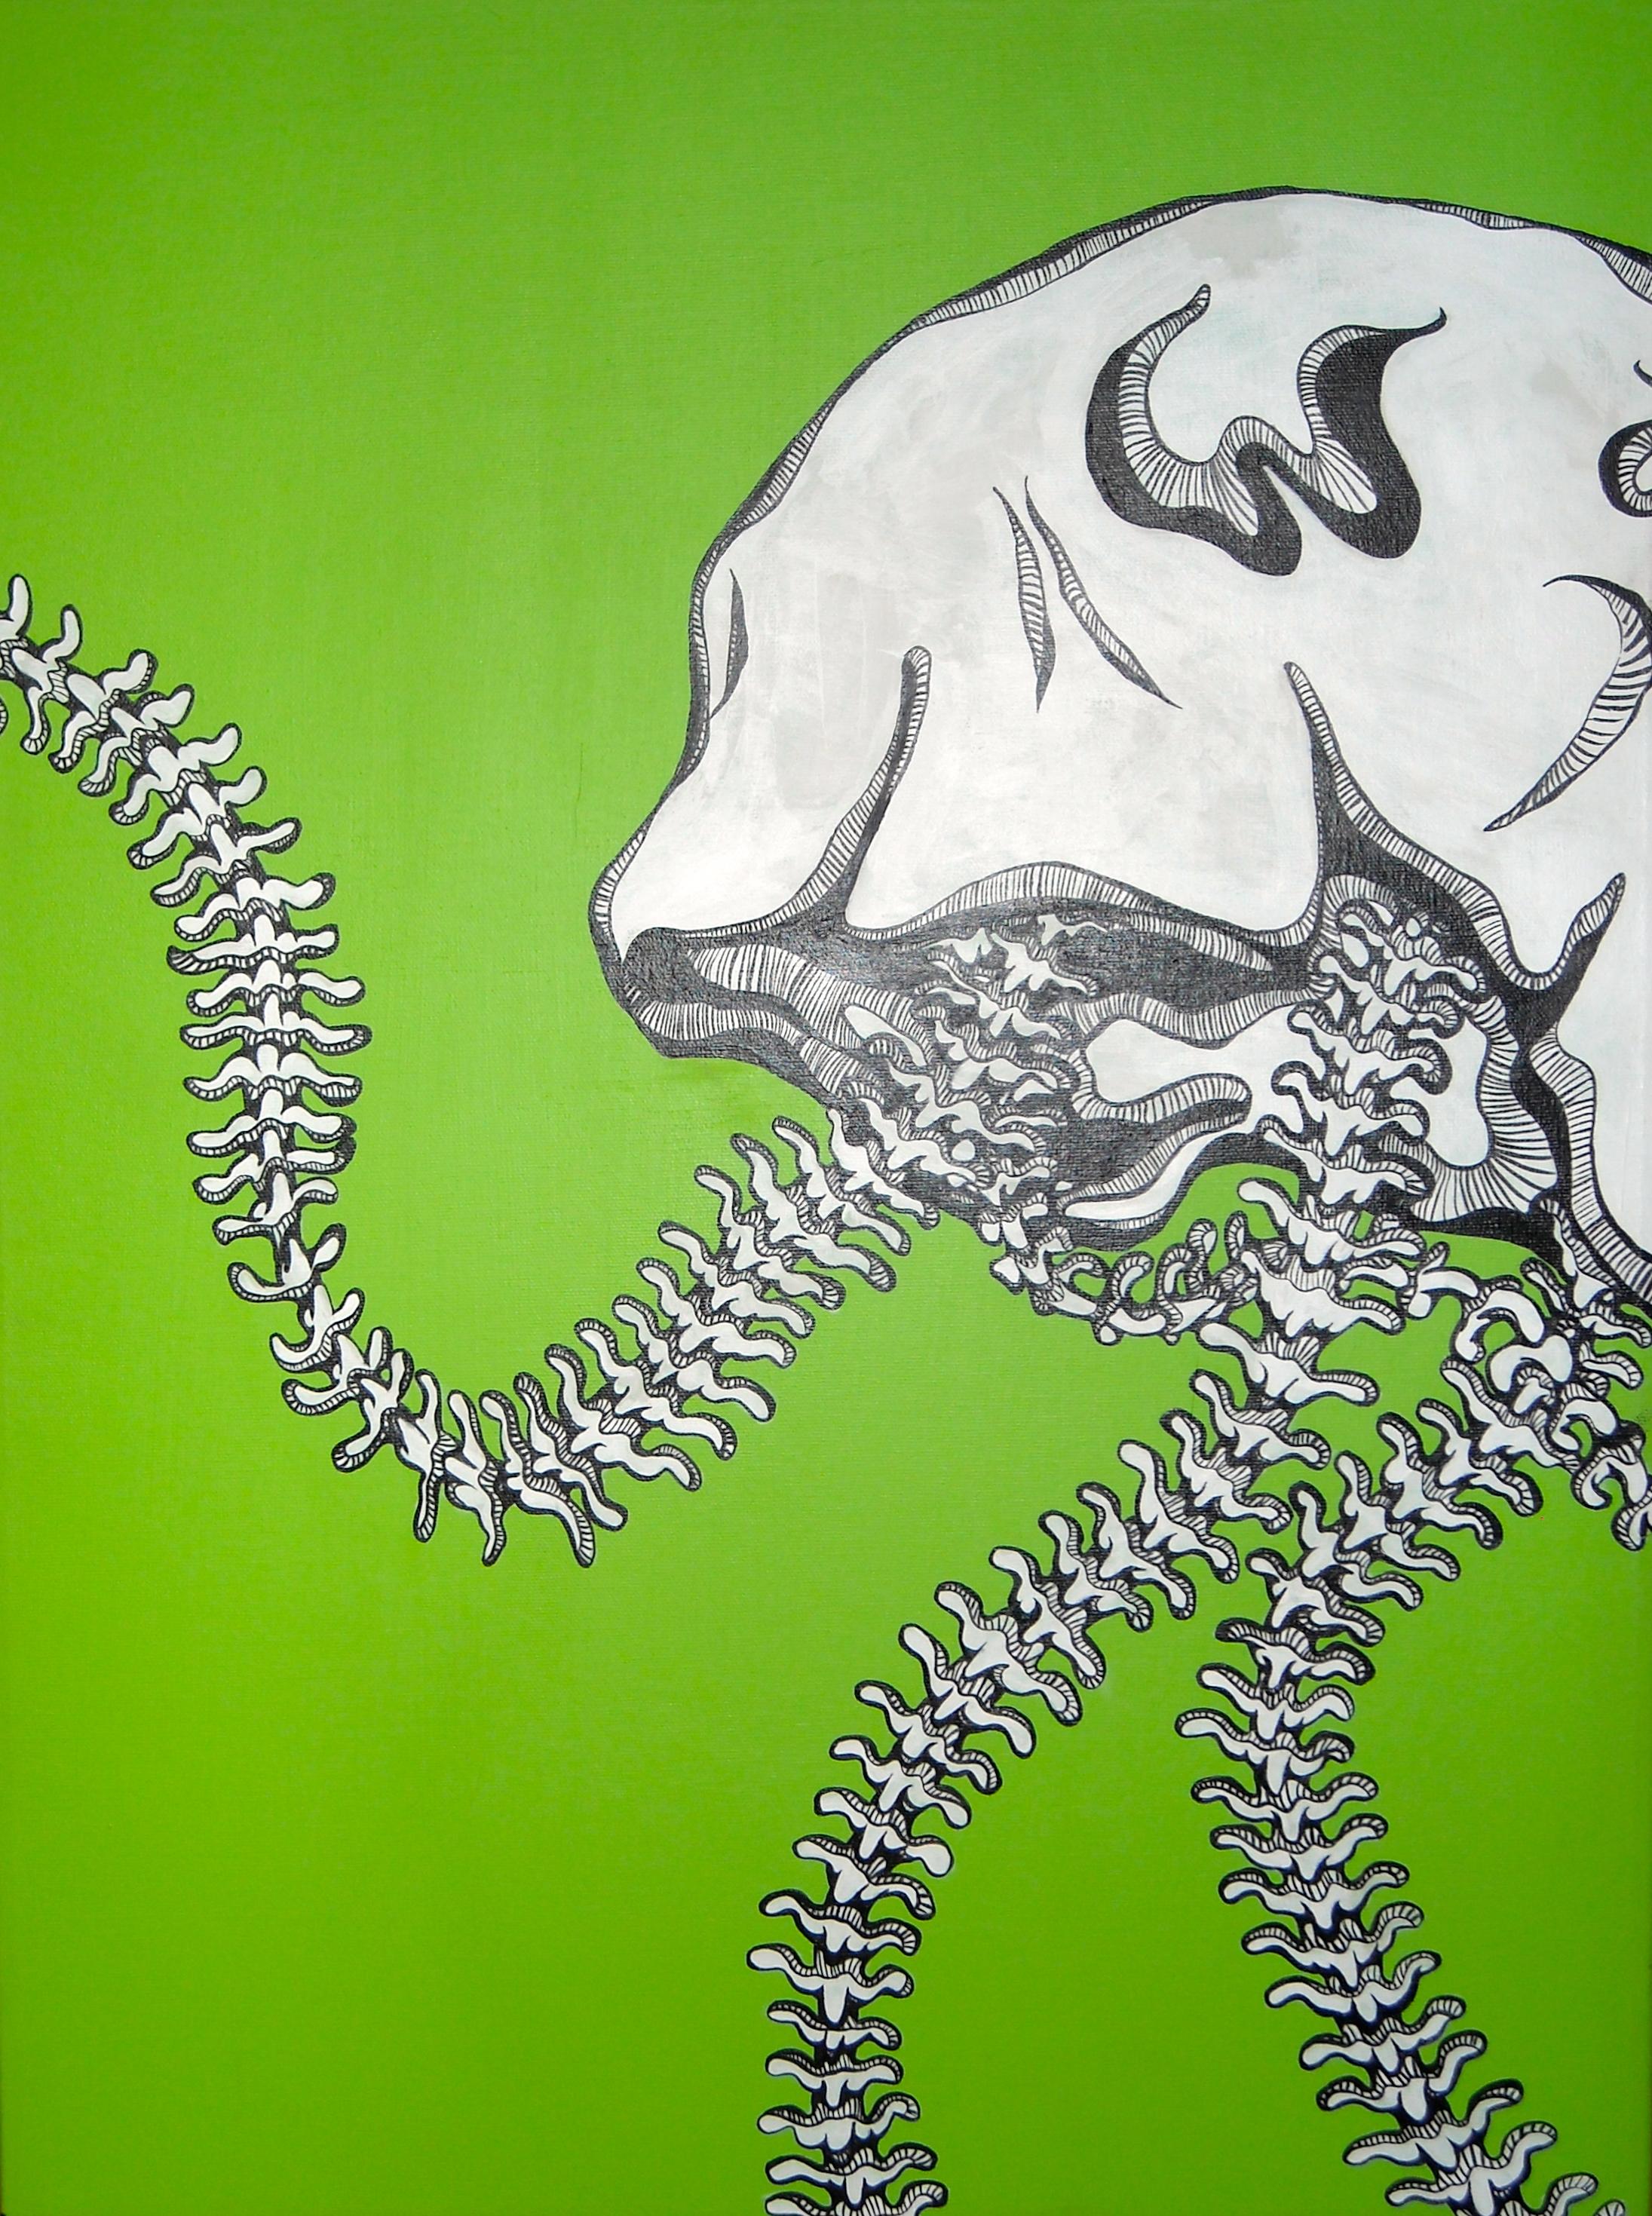 Skellatinous Gelatinous (Green)